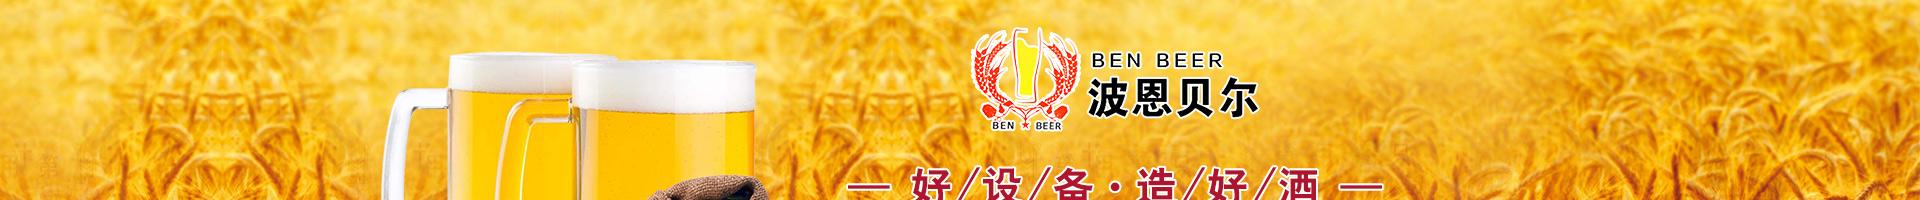 河南波恩贝尔啤酒技术开发有限公司